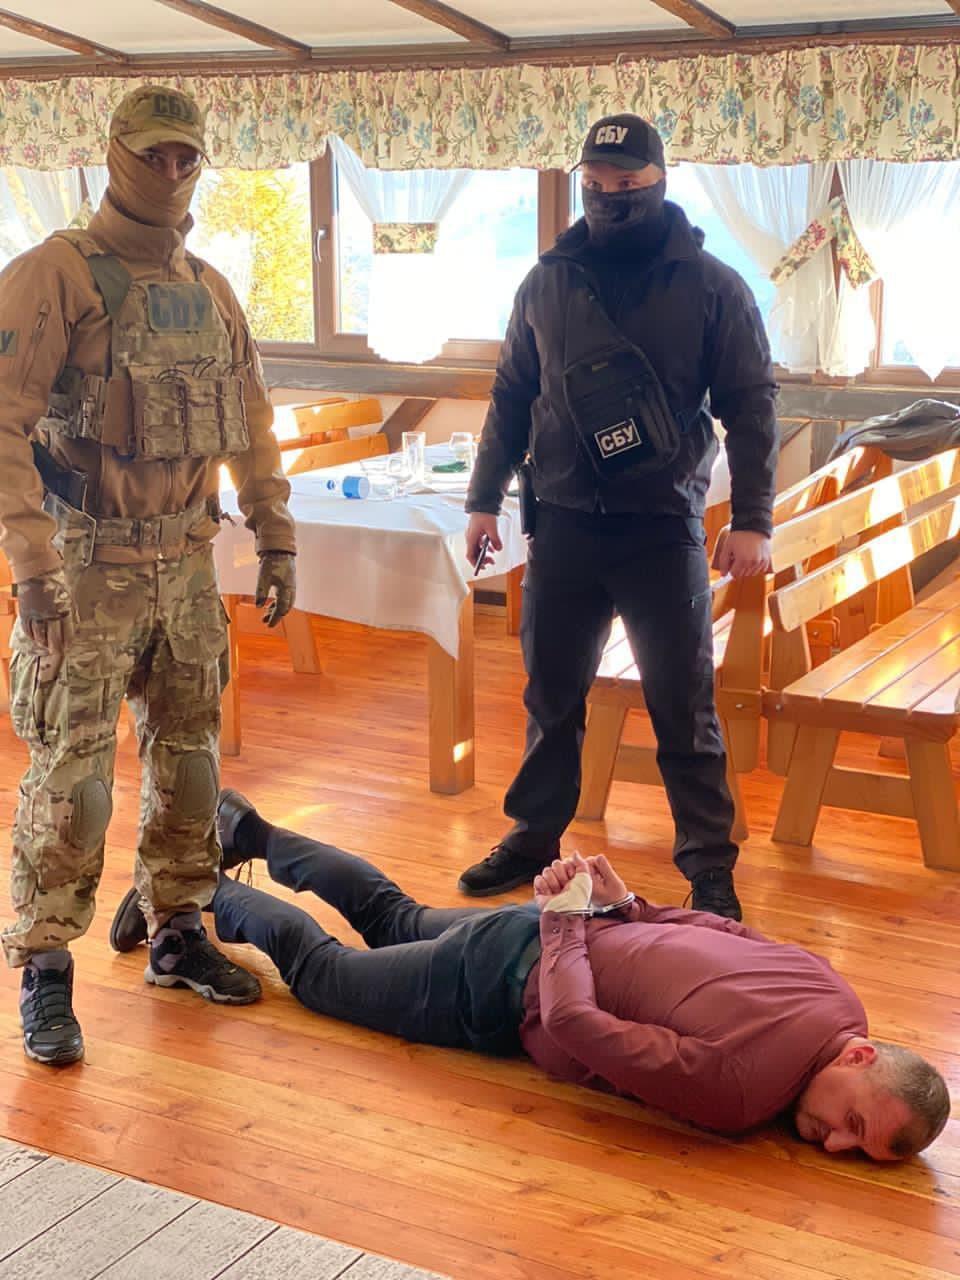 Эксклюзивные фото с места задержания главы ОТГ в Закарпатье прямо из ресторана